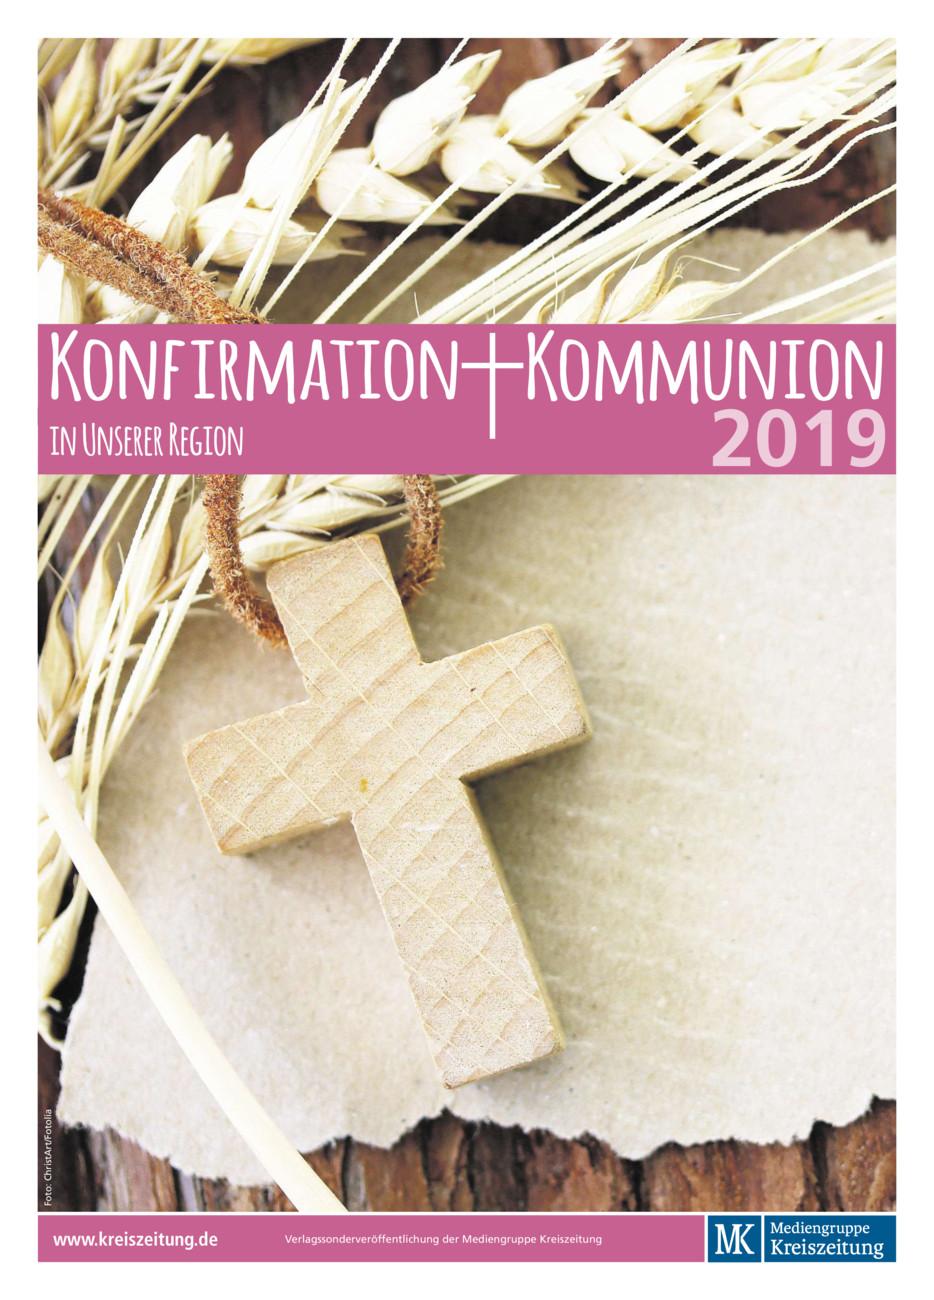 Konfirmation und Kommunion vom Samstag, 13.04.2019